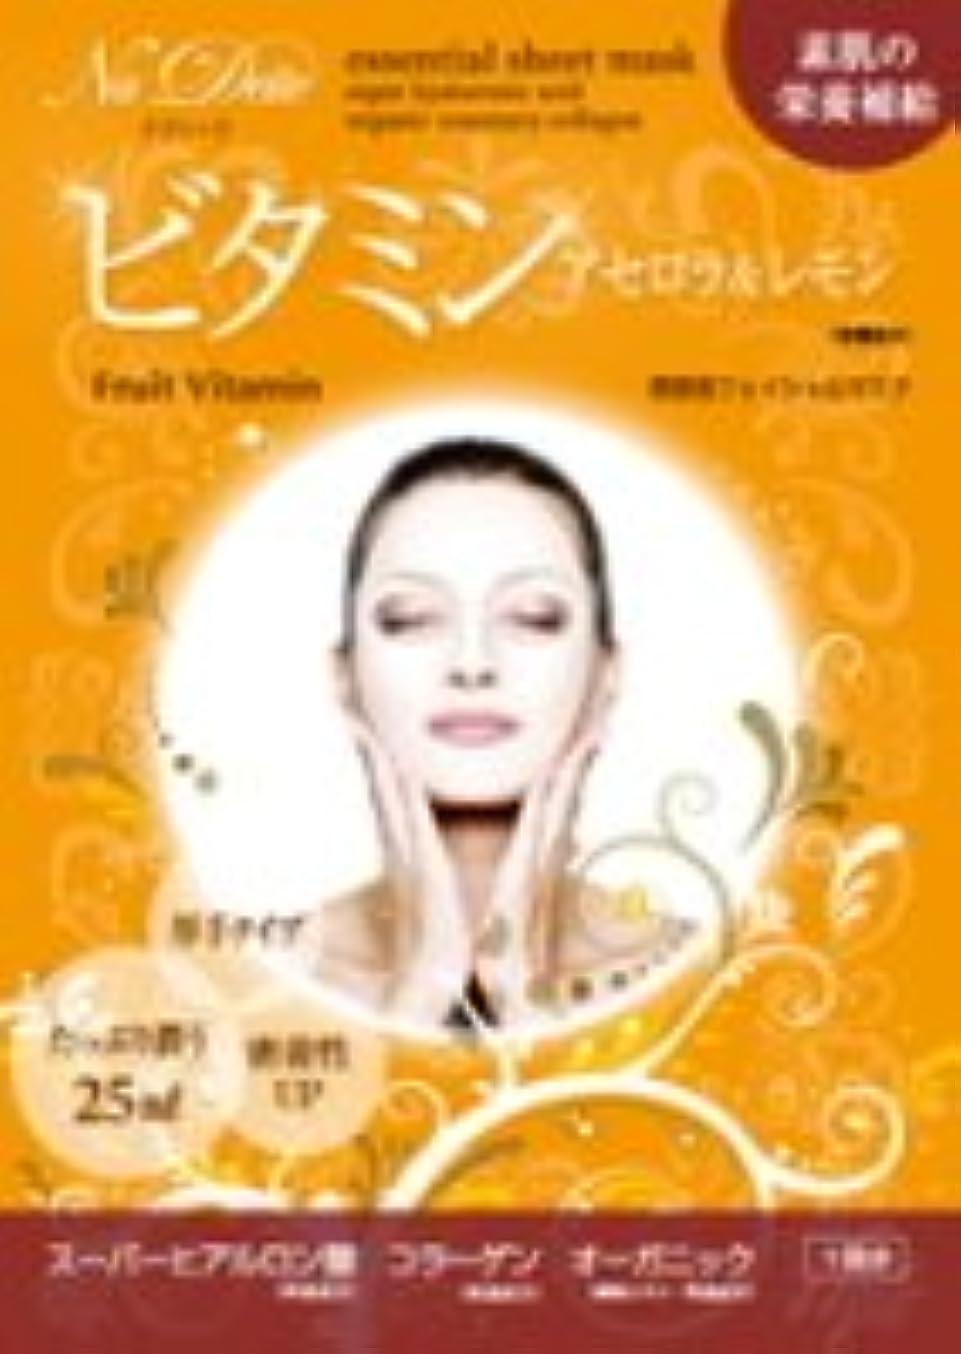 セクションジョージエリオット不定フェイスマスクシリーズ「ナディーテ」エッセンスシートマスク(ビタミン)